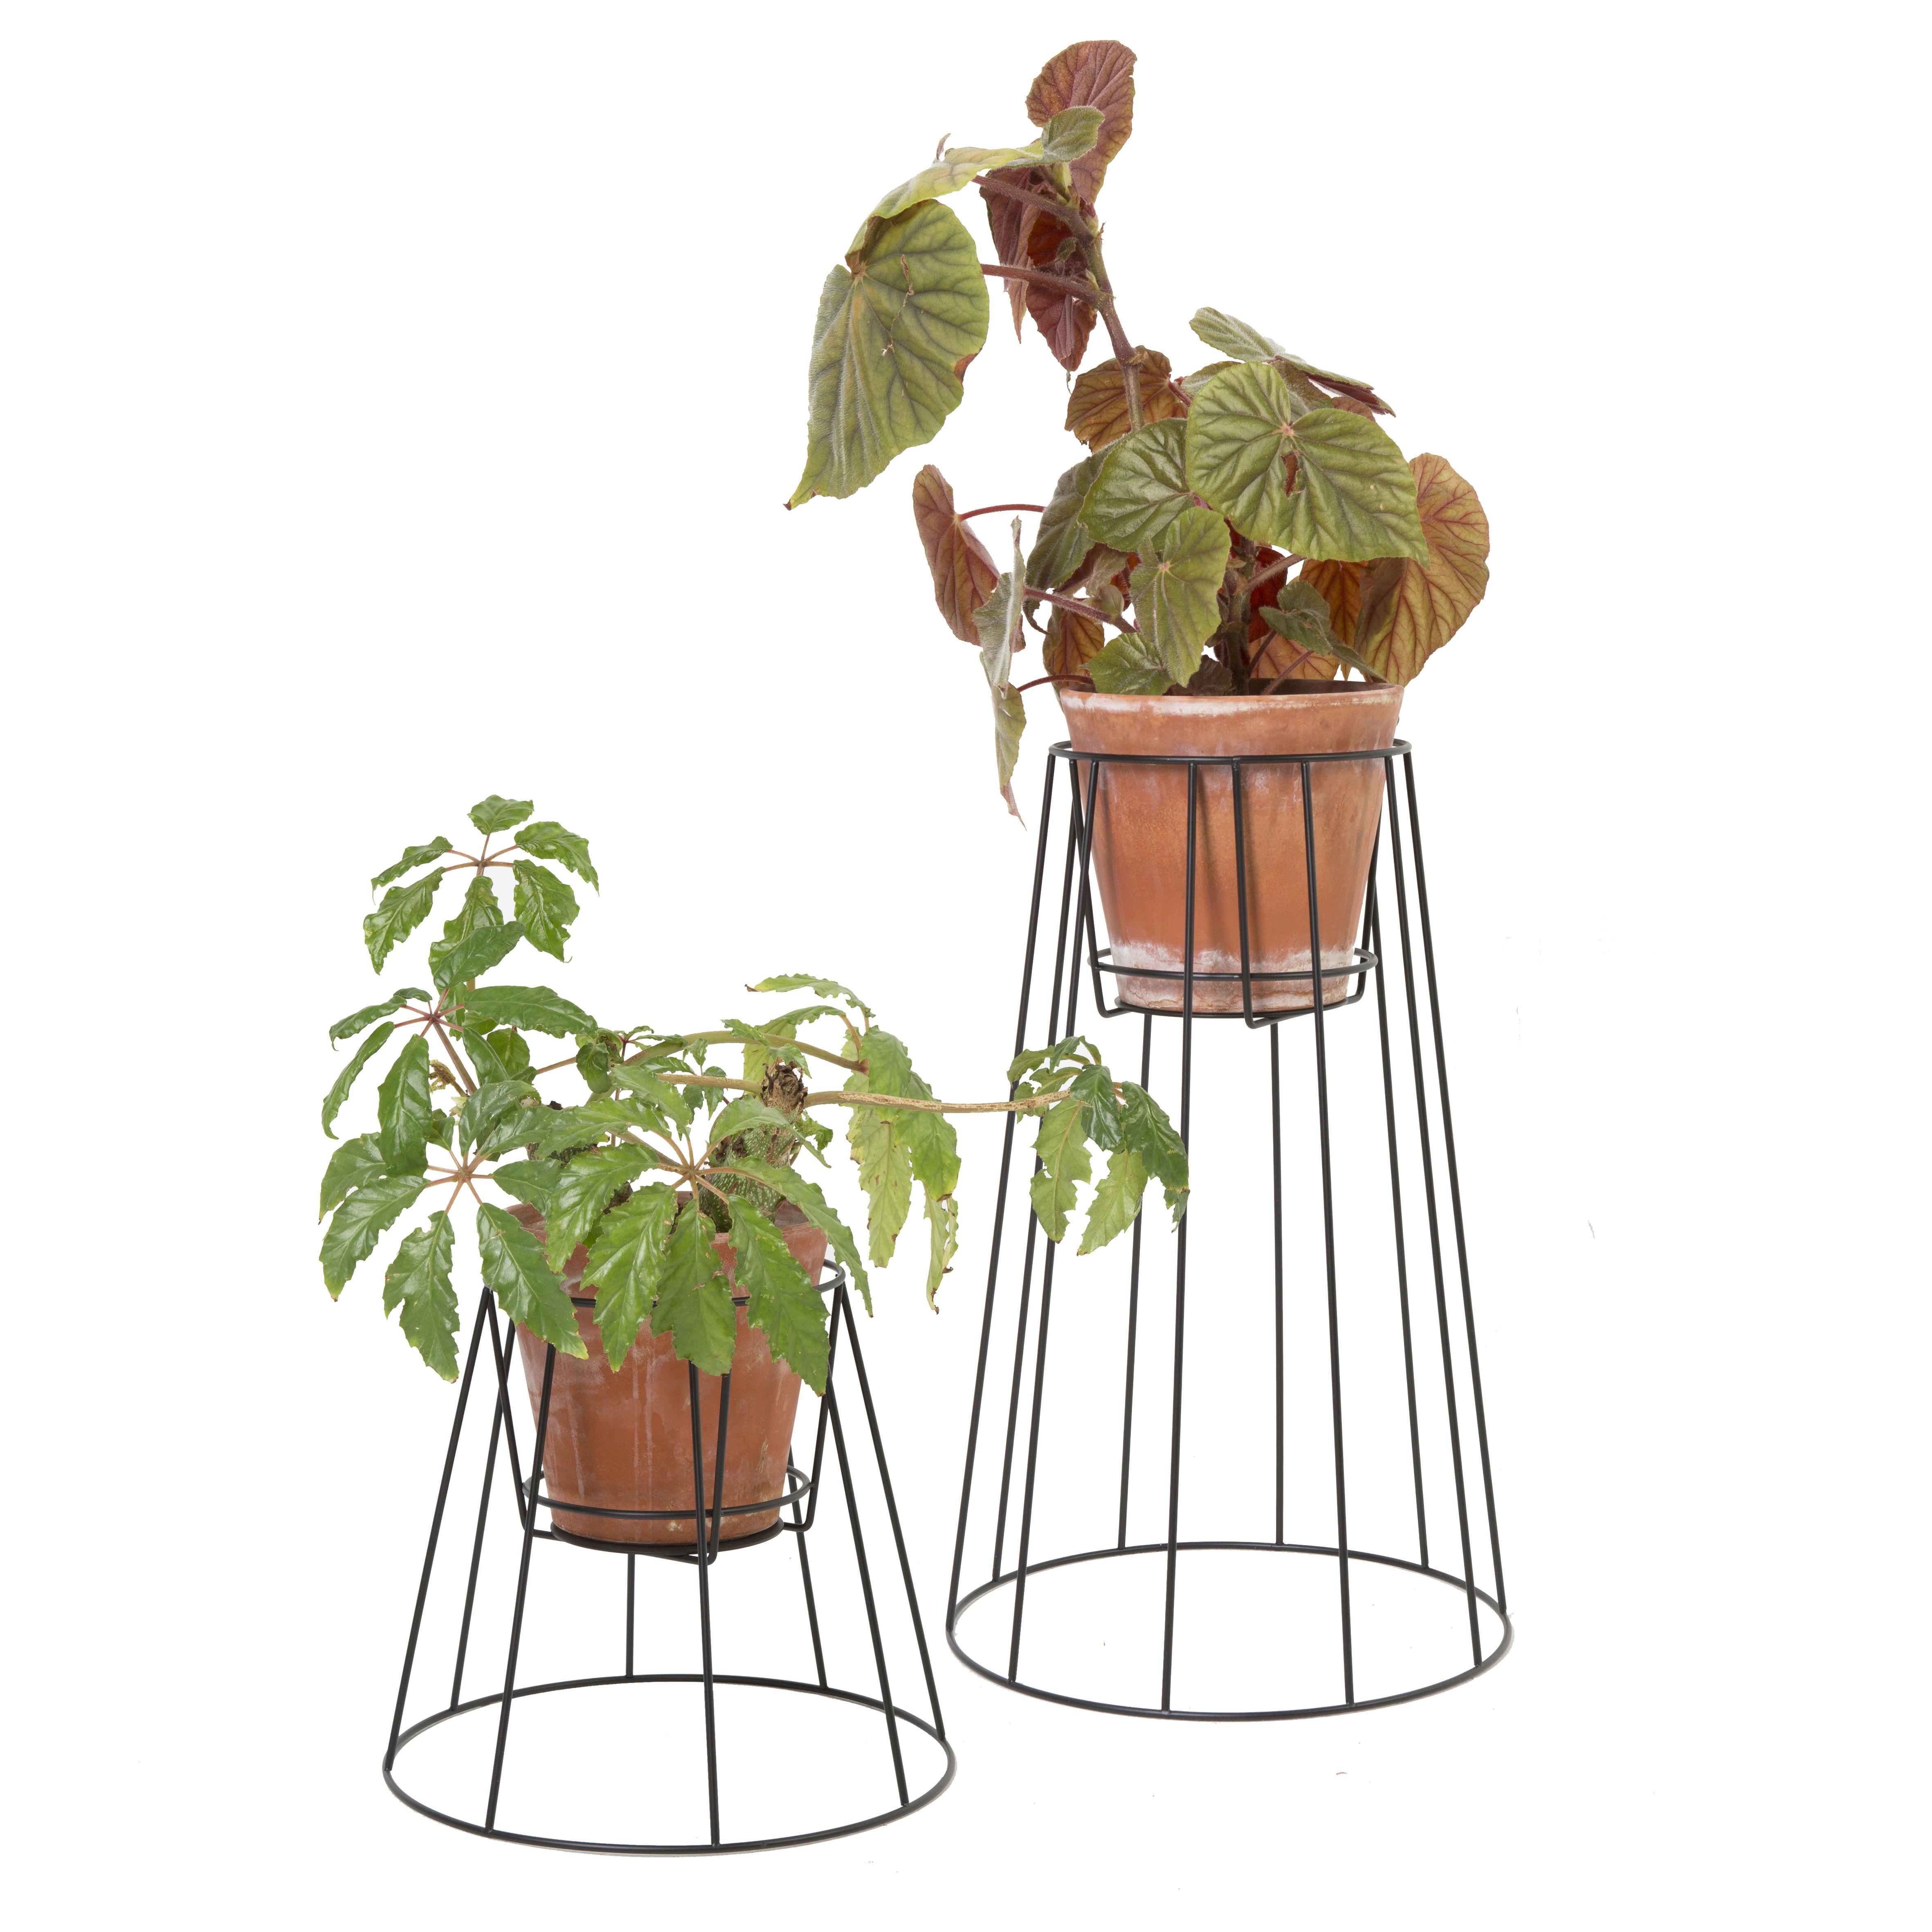 support pour pot de fleurs cibele large h 60 cm noir ok design pour sentou edition. Black Bedroom Furniture Sets. Home Design Ideas